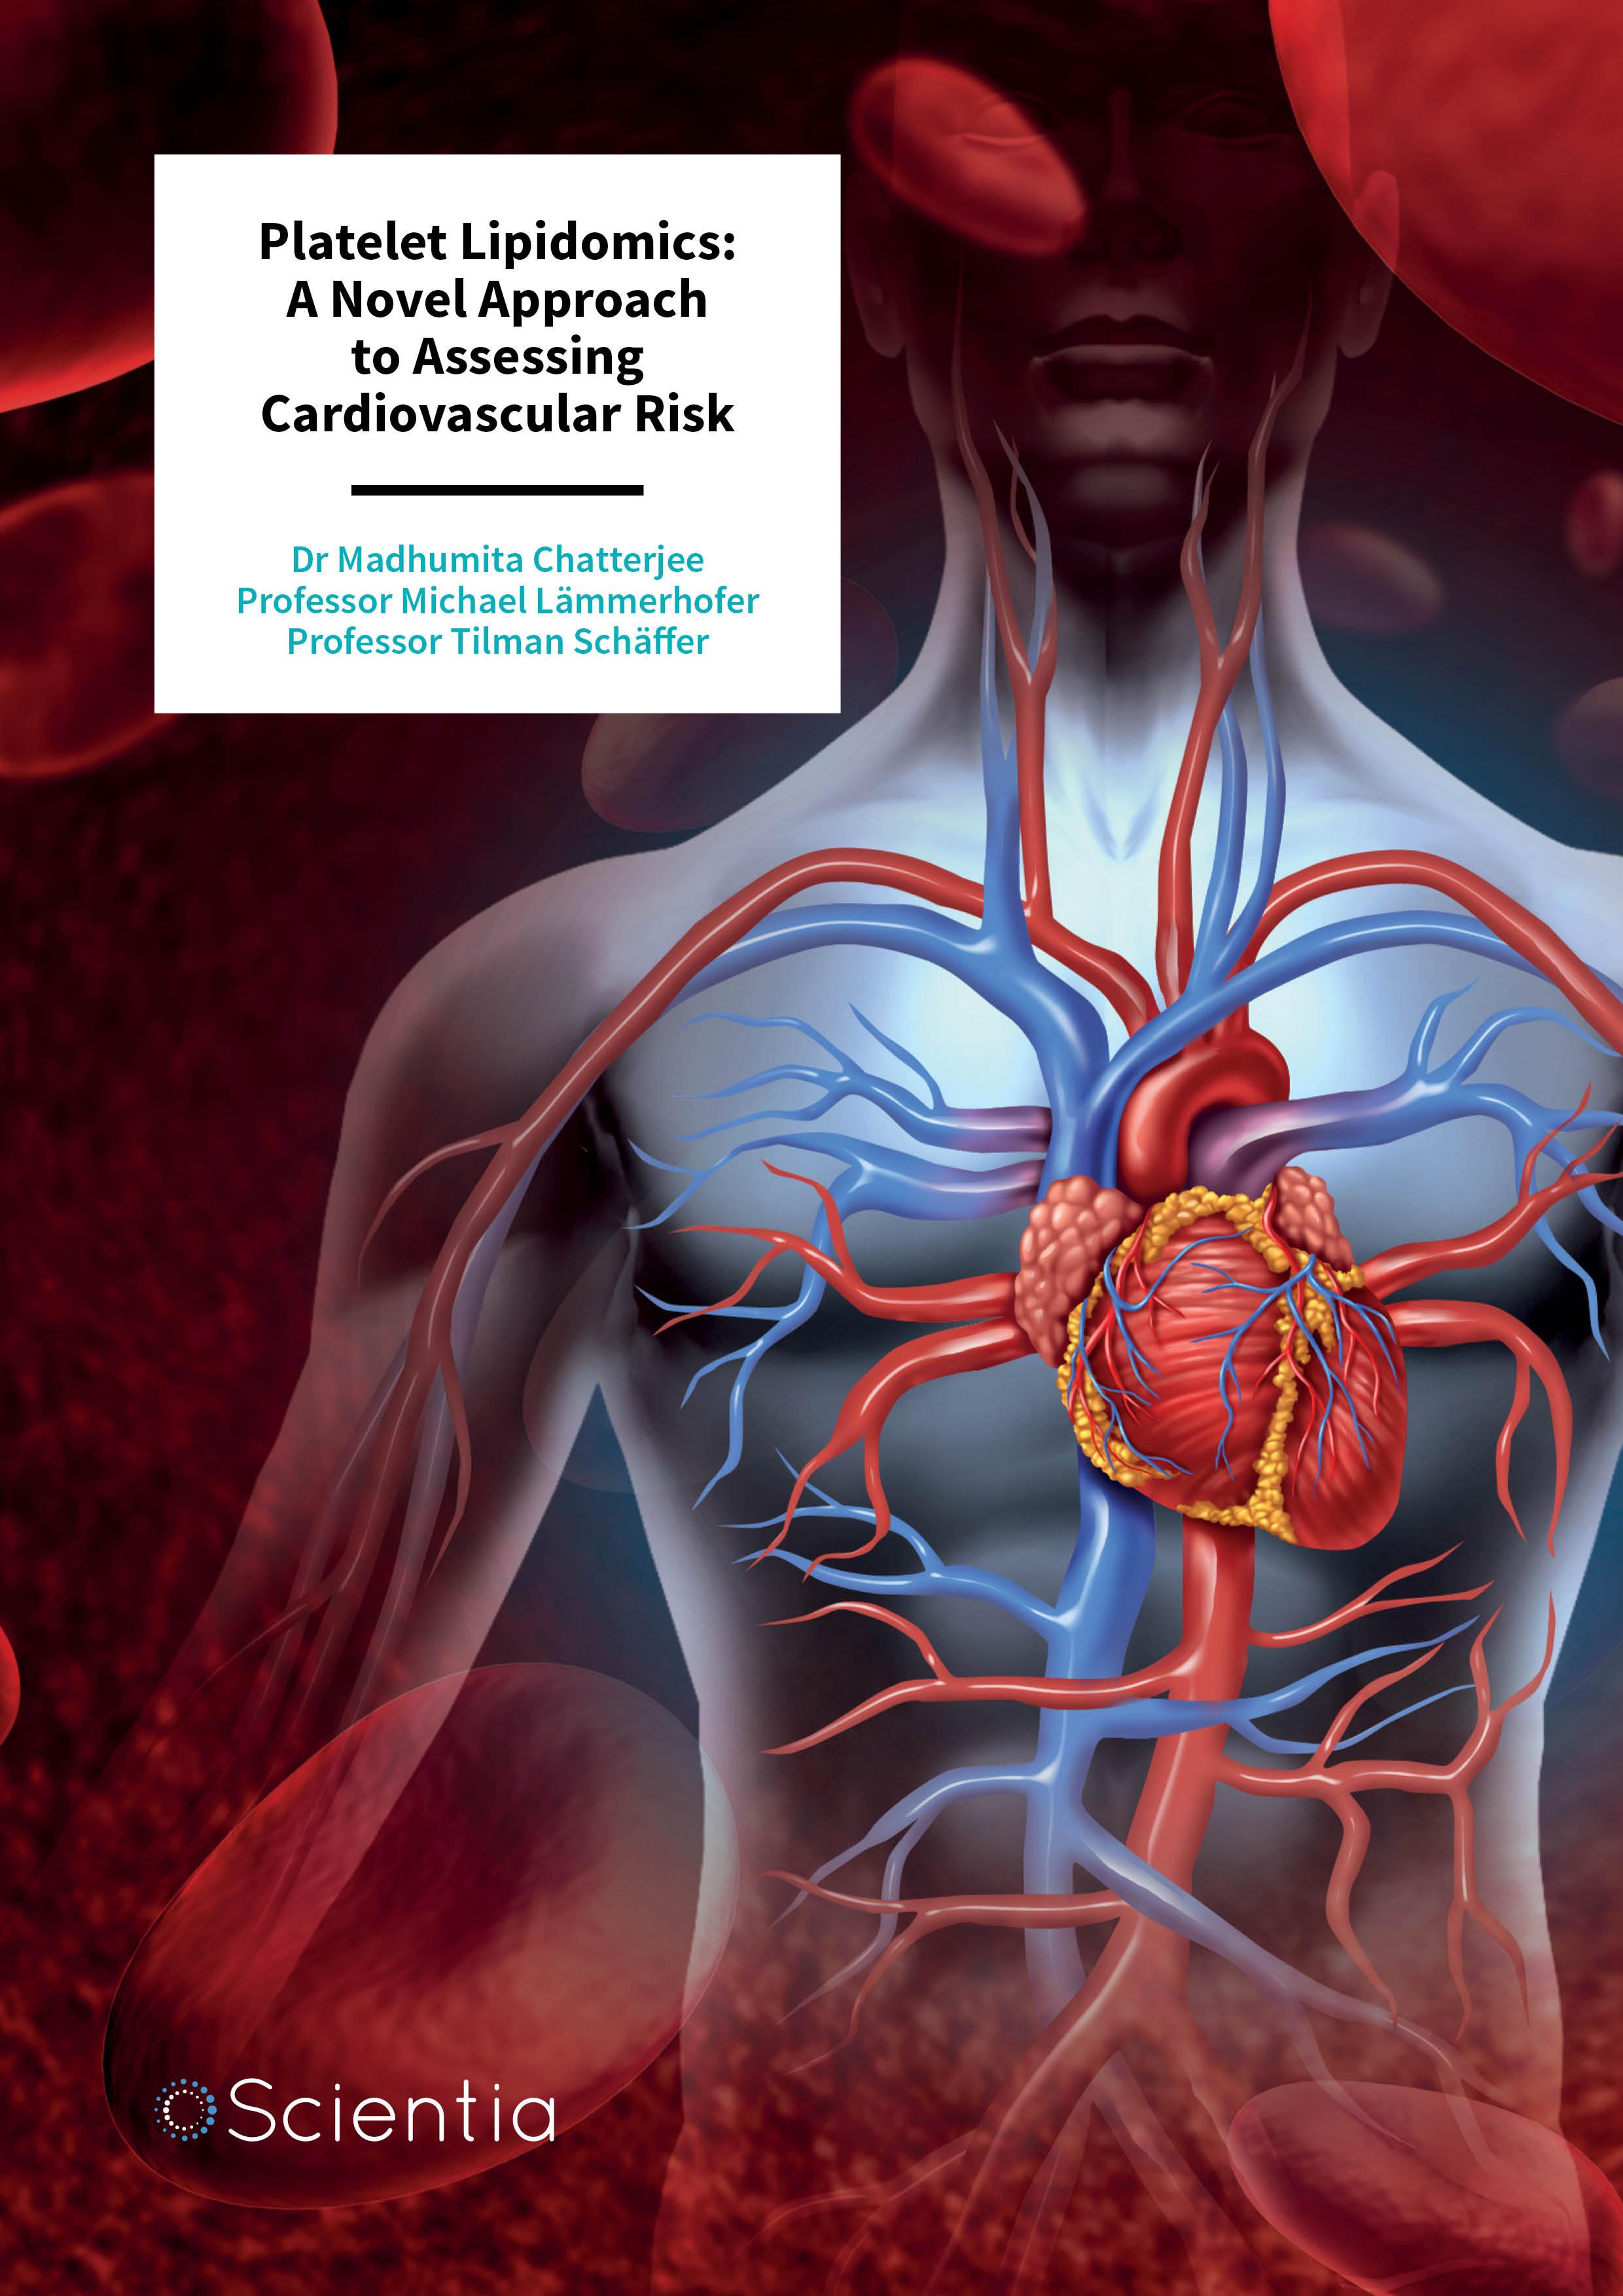 Dr Madhumita Chatterjee | Professor Michael Lämmerhofer | Professor Tilman Schäffer – Platelet Lipidomics: A Novel Approach to Assessing Cardiovascular Risk